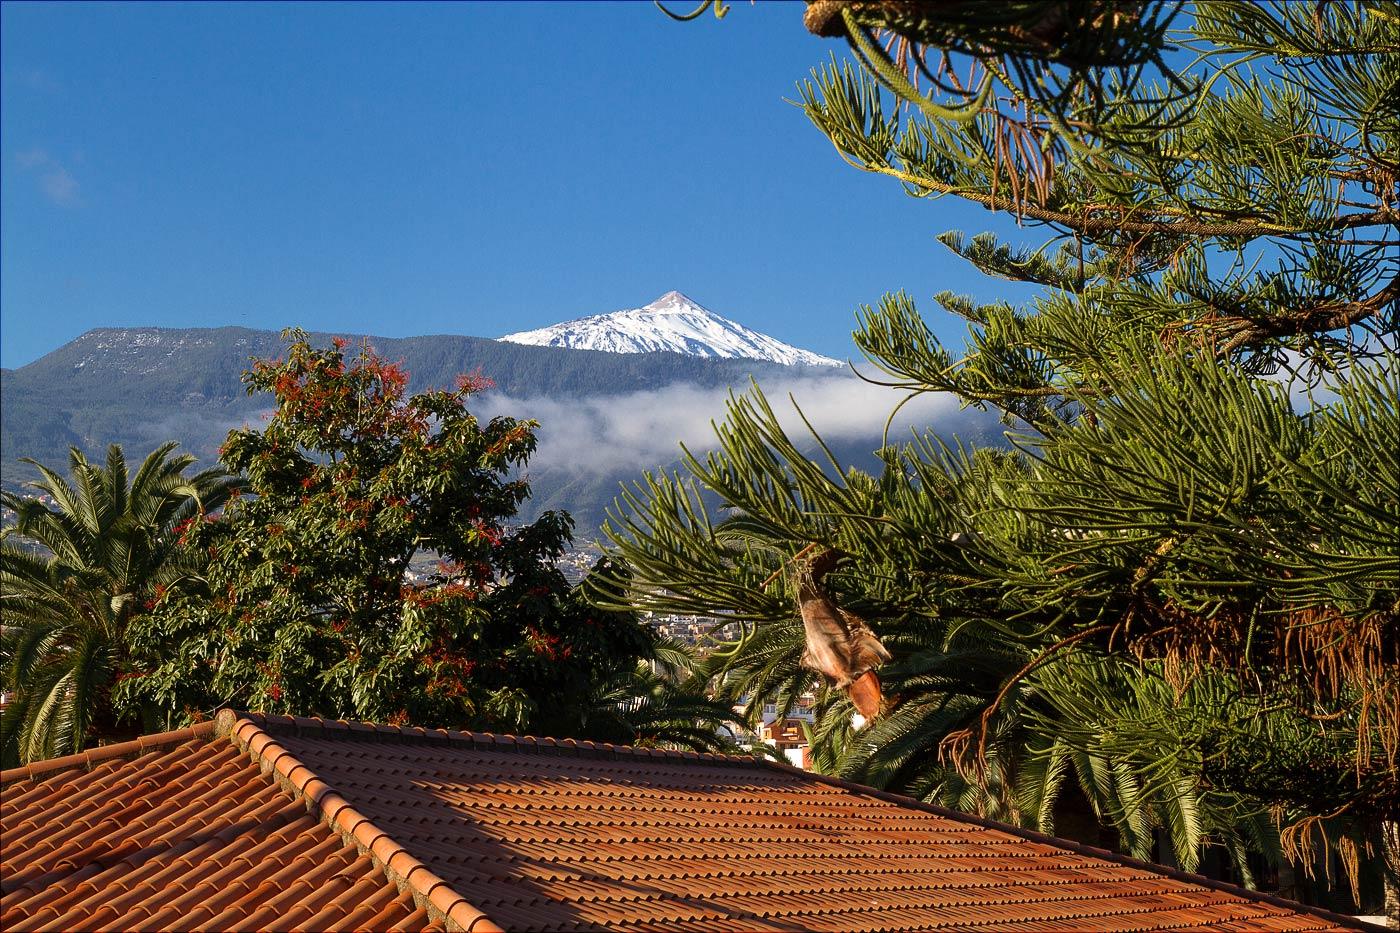 Вид на вершину вулкана Тейде из нашего окна. В этот день месяц назад